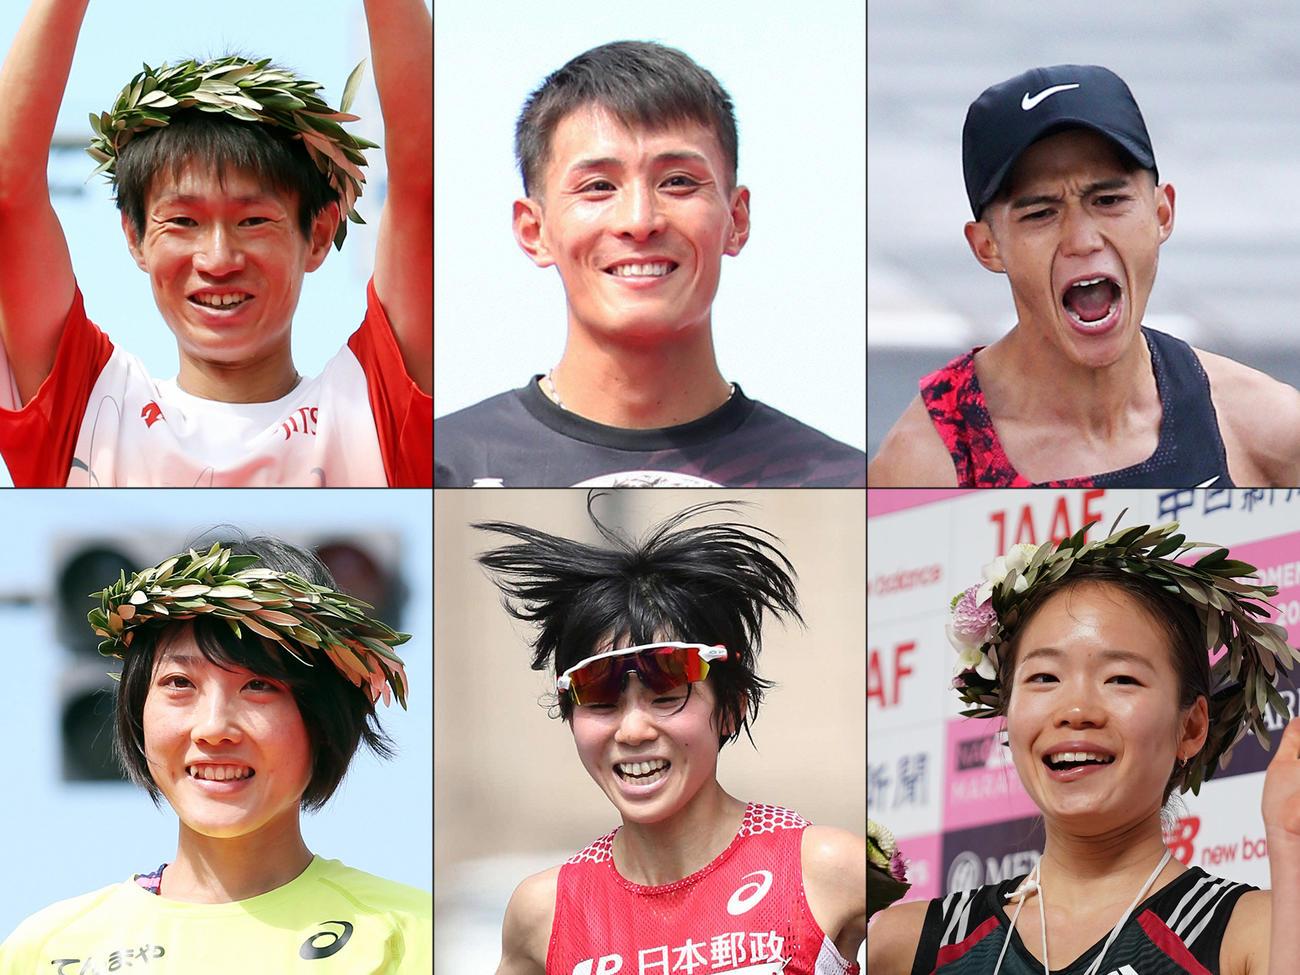 上段左からマラソン男子代表の中村匠吾、服部勇馬、大迫傑。下段左から女子代表の前田穂南、鈴木亜由子、一山麻緒